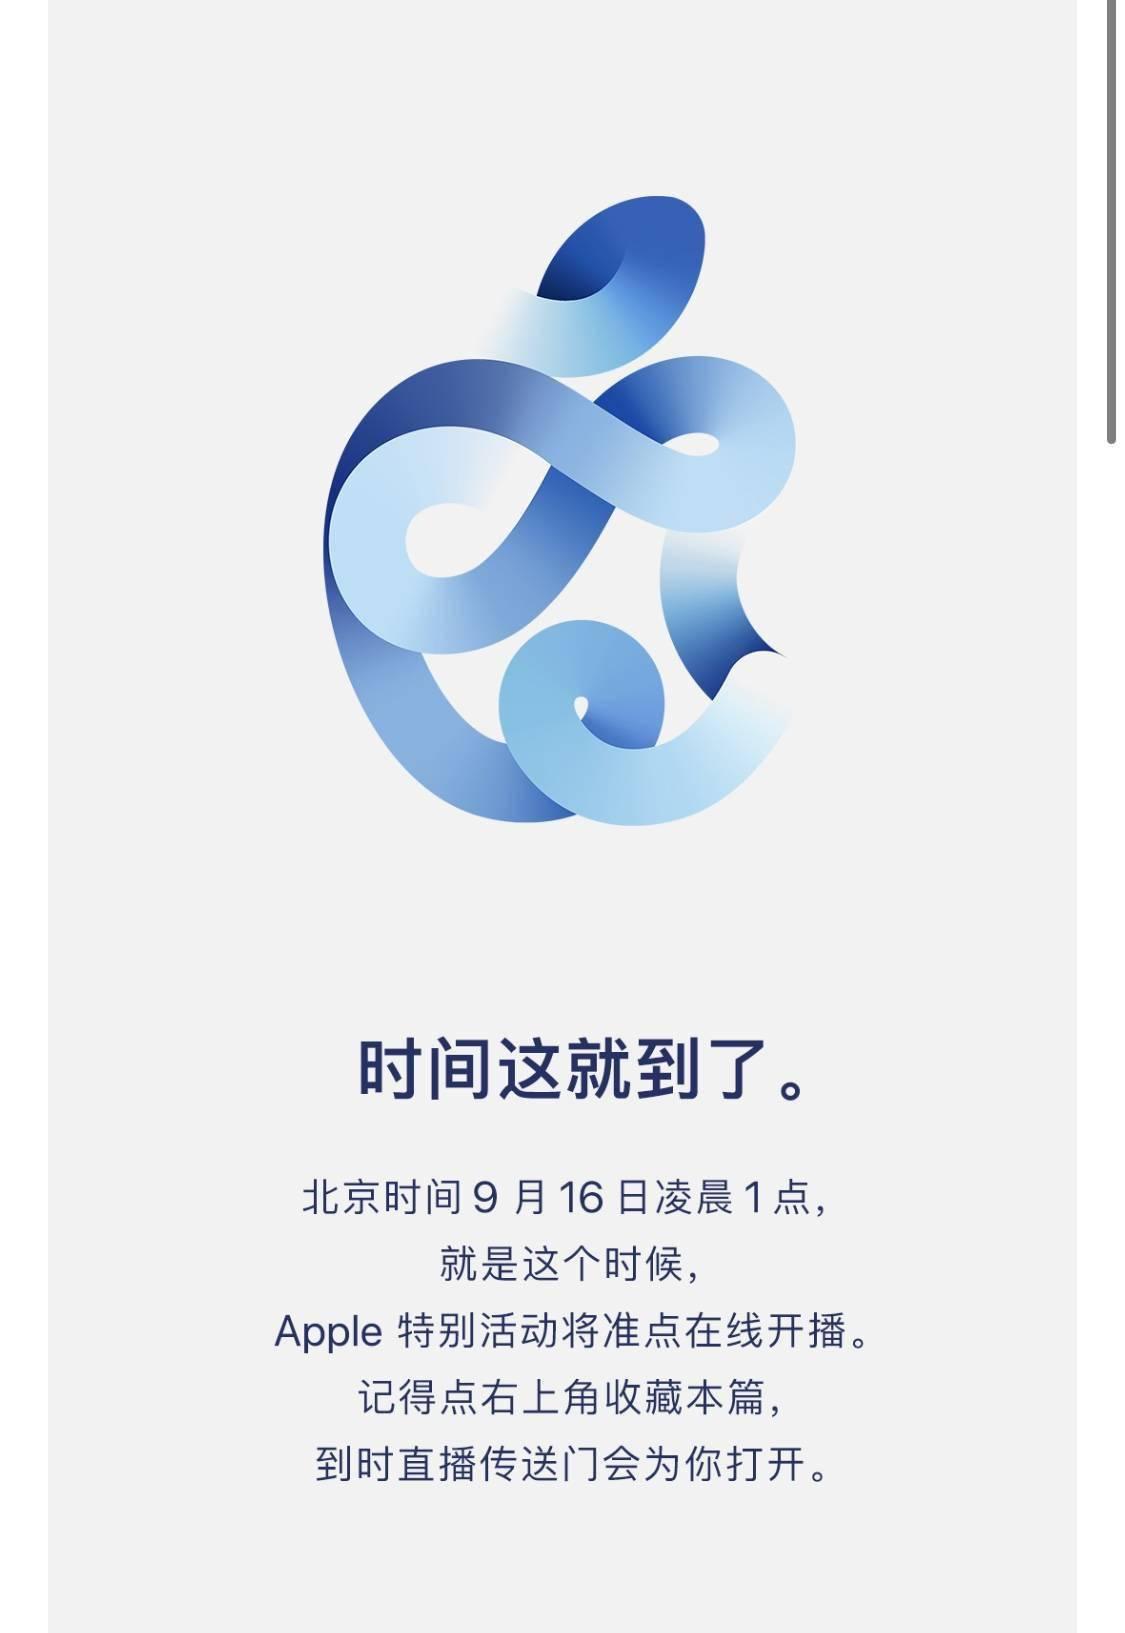 5G iPhone或下周发布 距首款中国5G手机上市已过一年